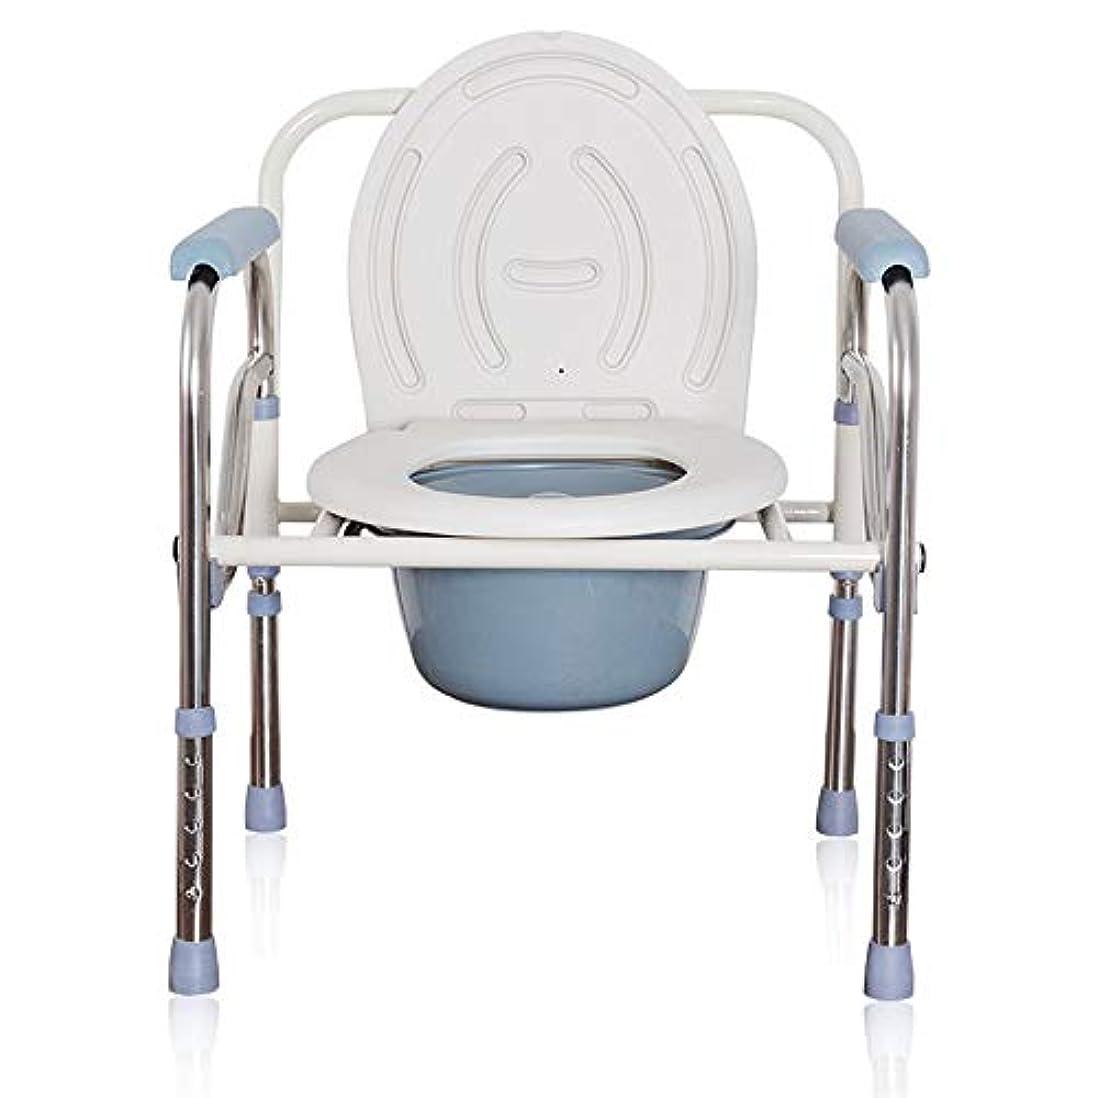 パーフェルビッド発火する赤字折り畳み式便座 - 可動式トイレ/減量手術用ベッドサイドライト/高齢者用リハビリテーションホームケア